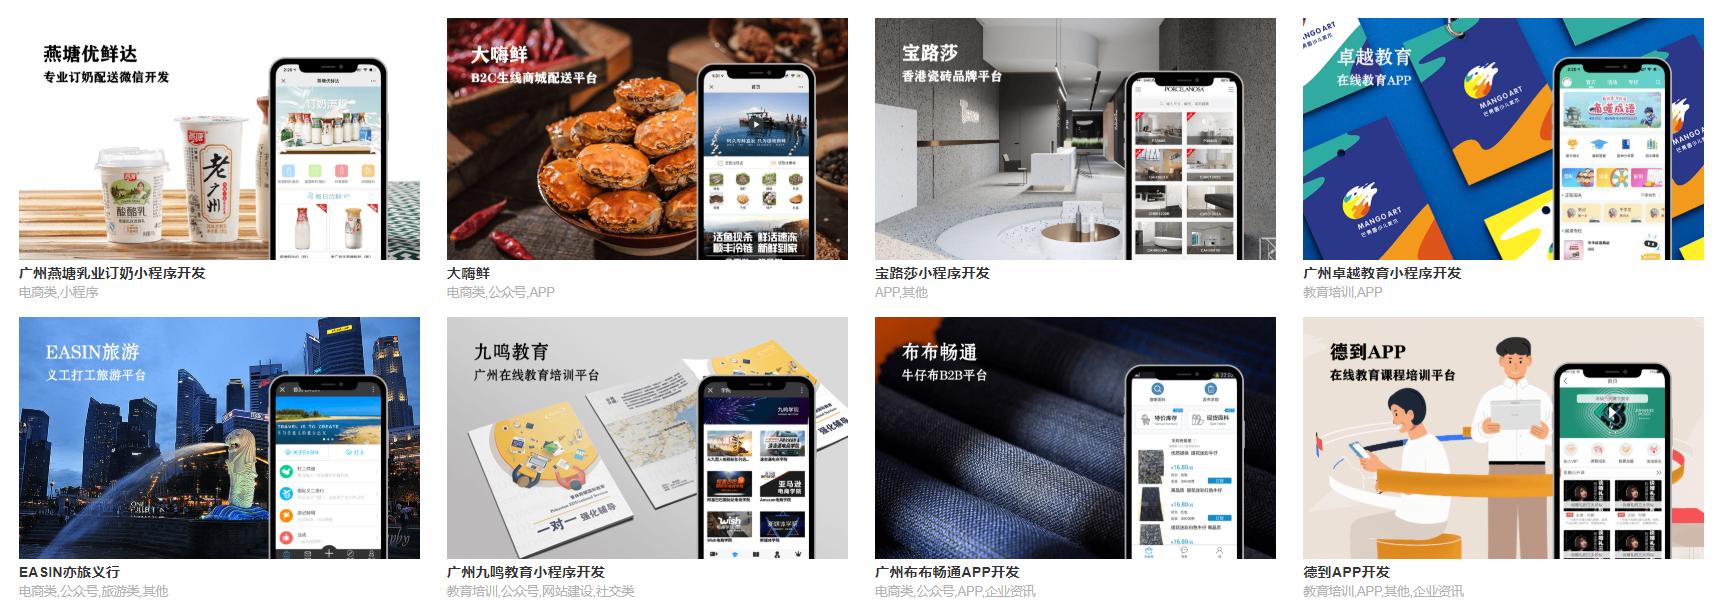 广州APP开发案例.png